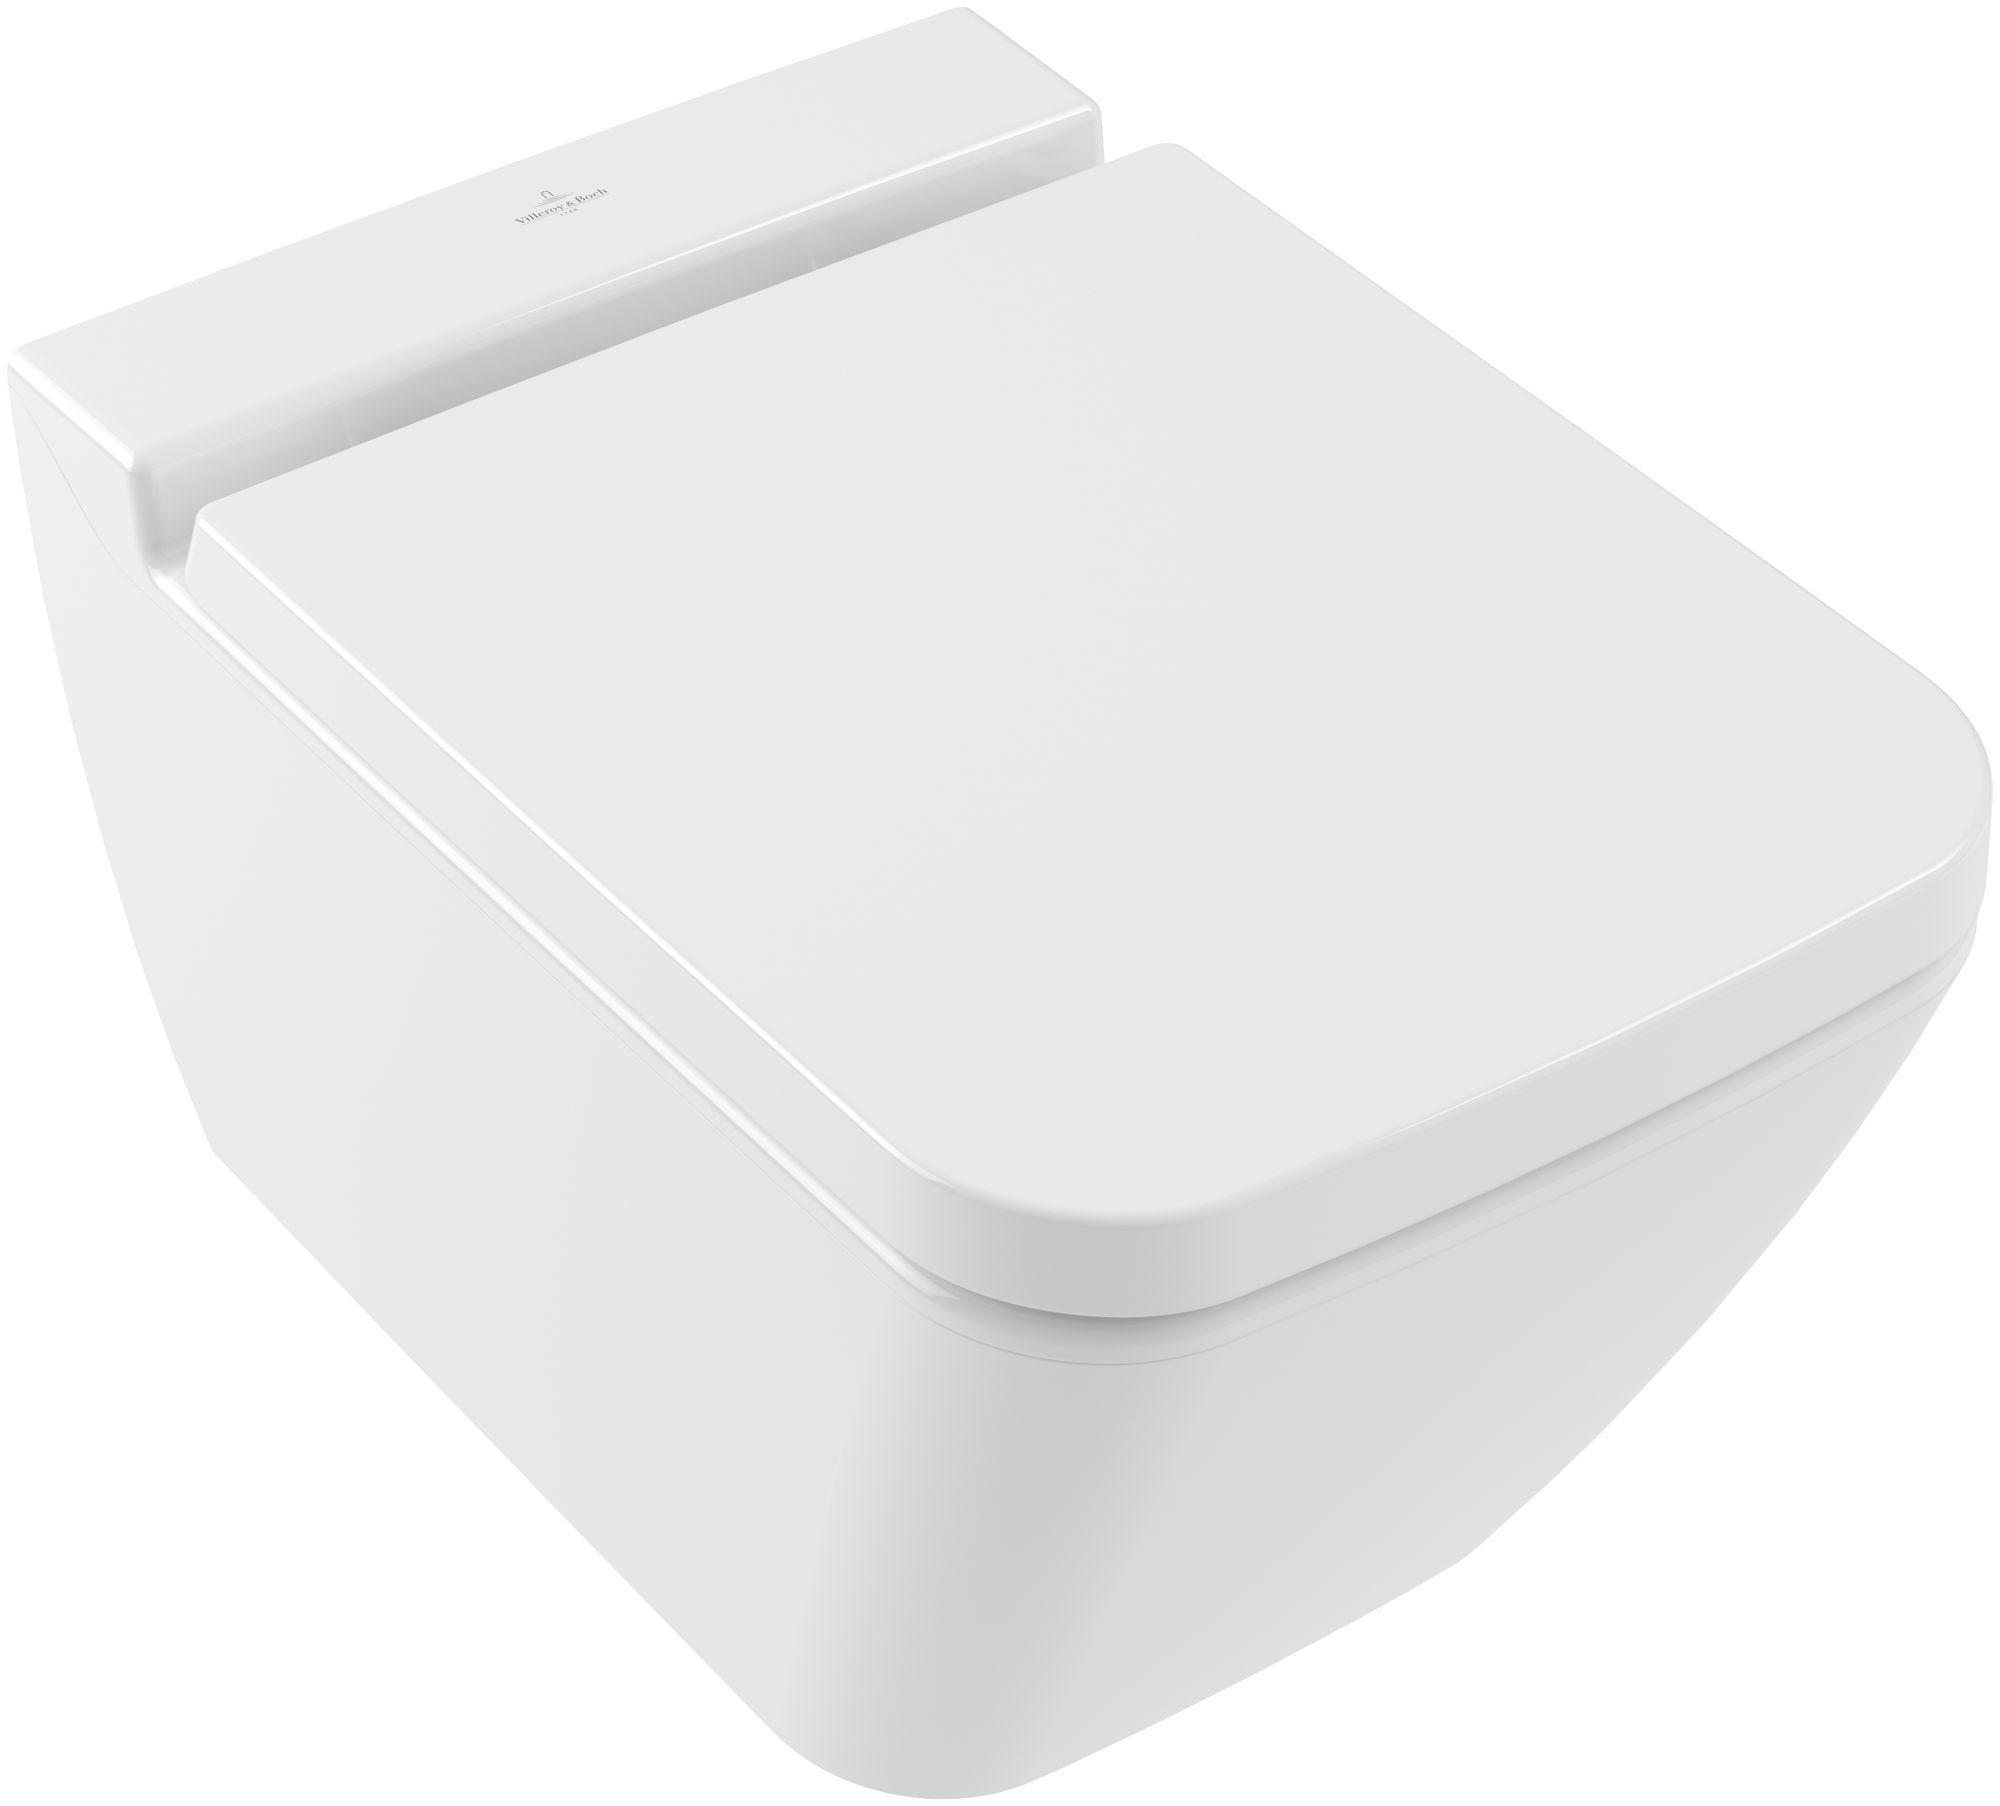 Villeroy & Boch Finion Tiefspül-Wand-WC spülrandlos DirectFlush B:37,5xL:56cm weiß Ceramicplus 4664R0R1